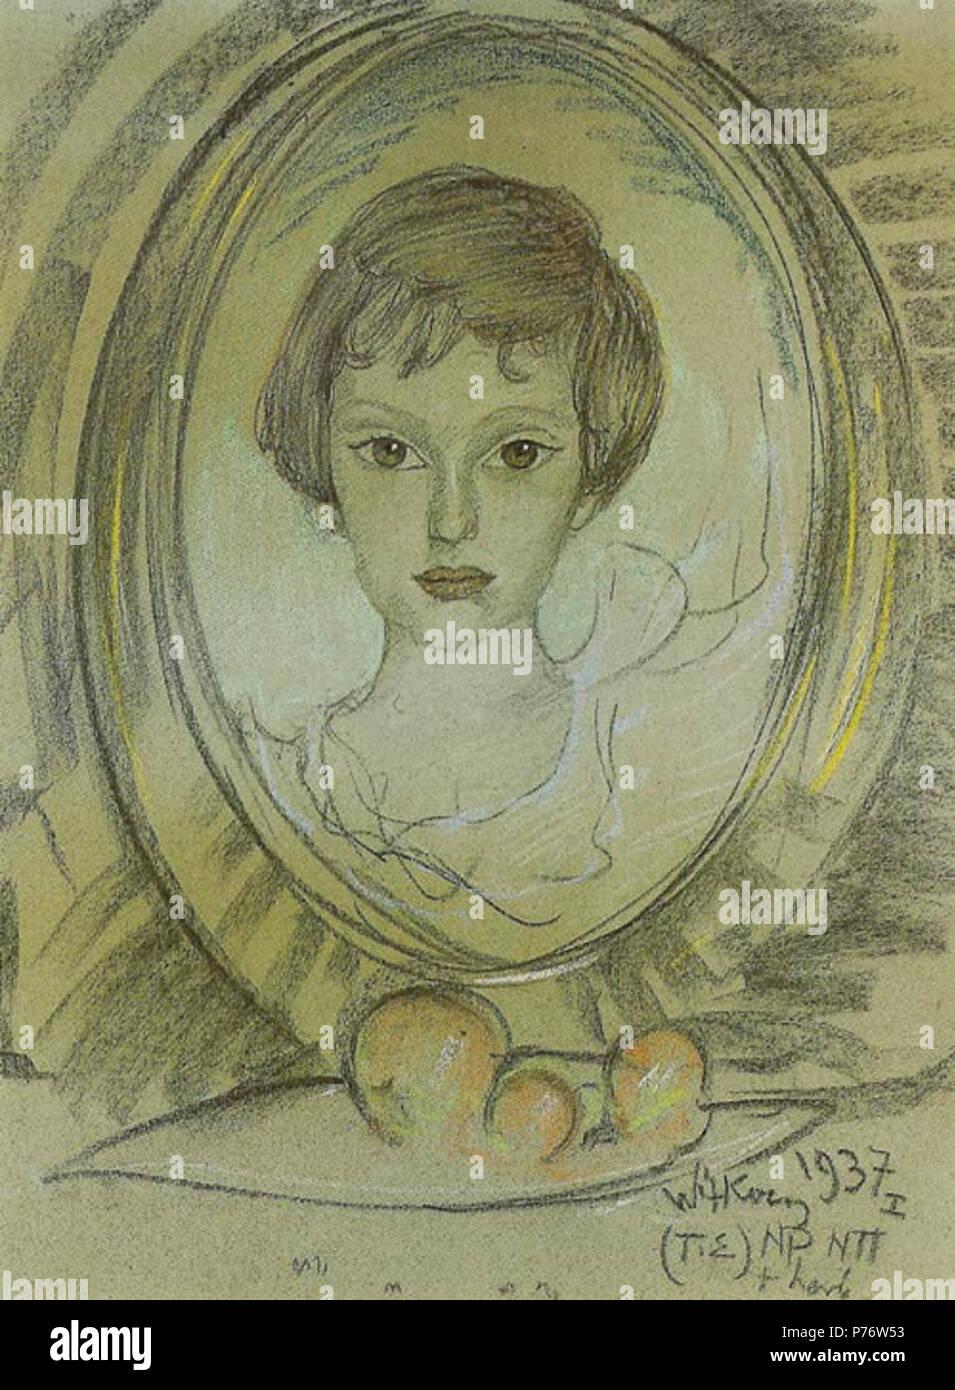 Polski: 'Portret Ireny Raciborskiej', 1937, pastel Je na papierze, 63 x 48 cm, Muzeum Pomorza, rodkowego Supsk . Janvier 1937 4 Raciborskiej Witkacy-Portret Ireny Banque D'Images